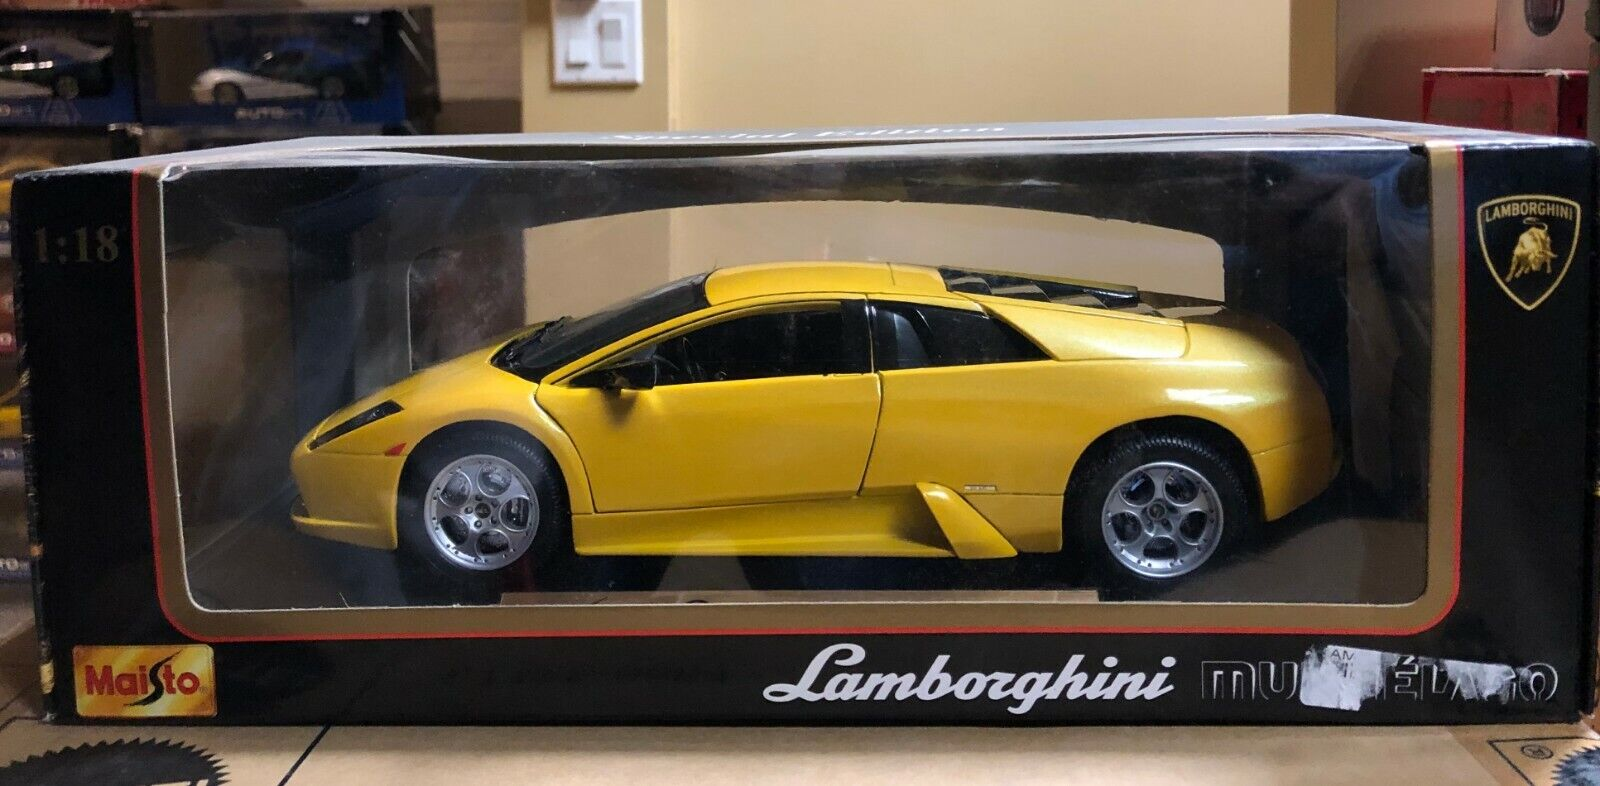 LAMBORGHINI MURCIELAGO Coupé jaune Orion jaune 1 18 par MAISTO new in OLD Box